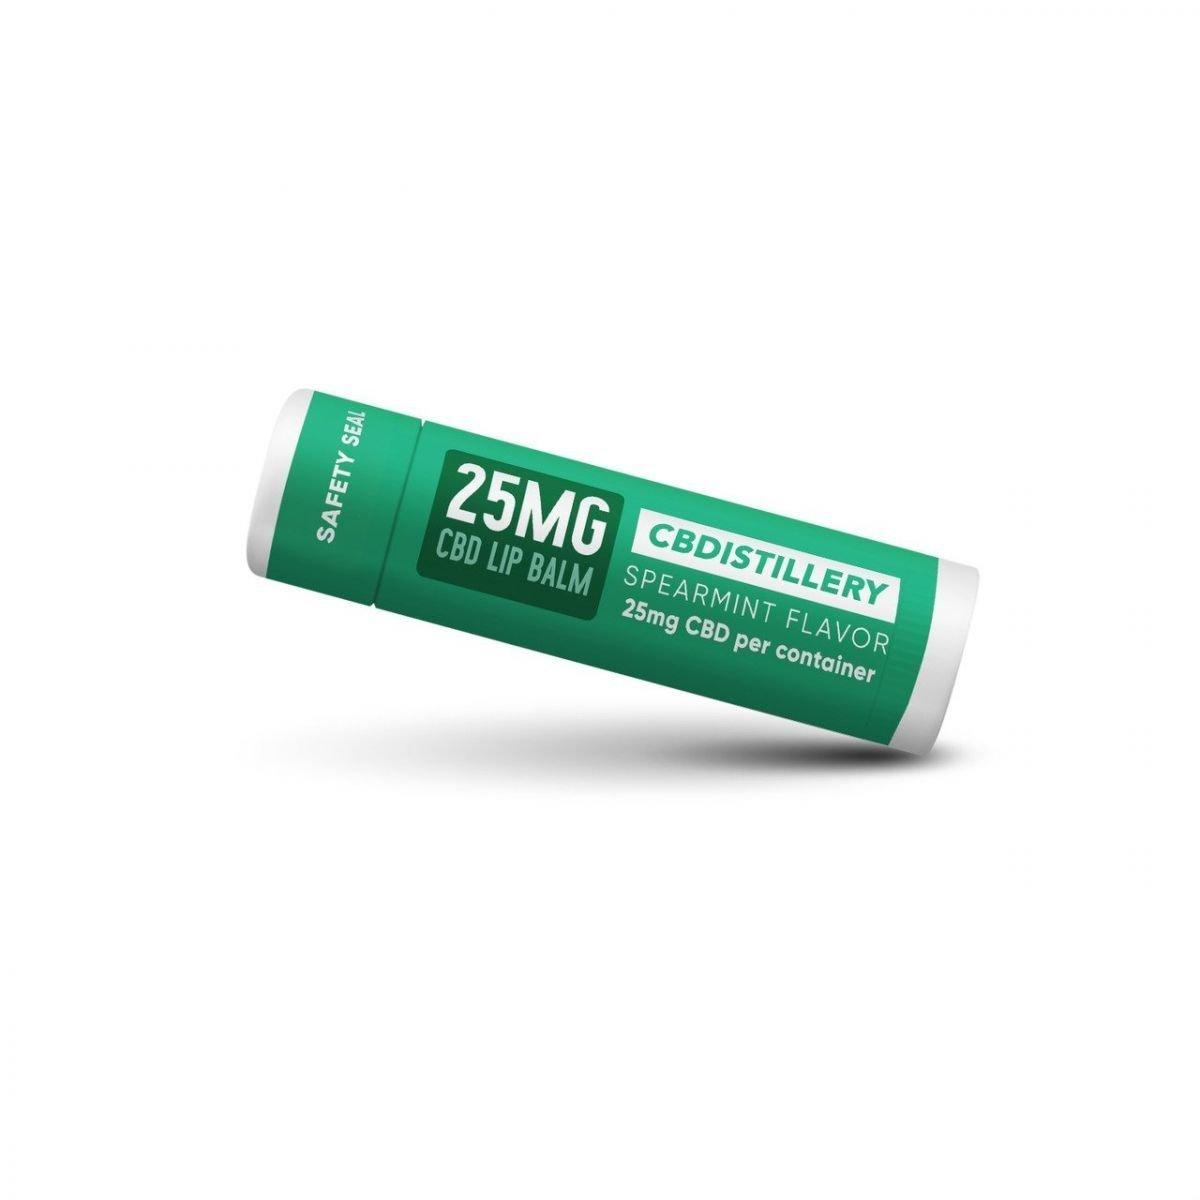 CBDistillery CBD Lip Balm Spearmint Flavor